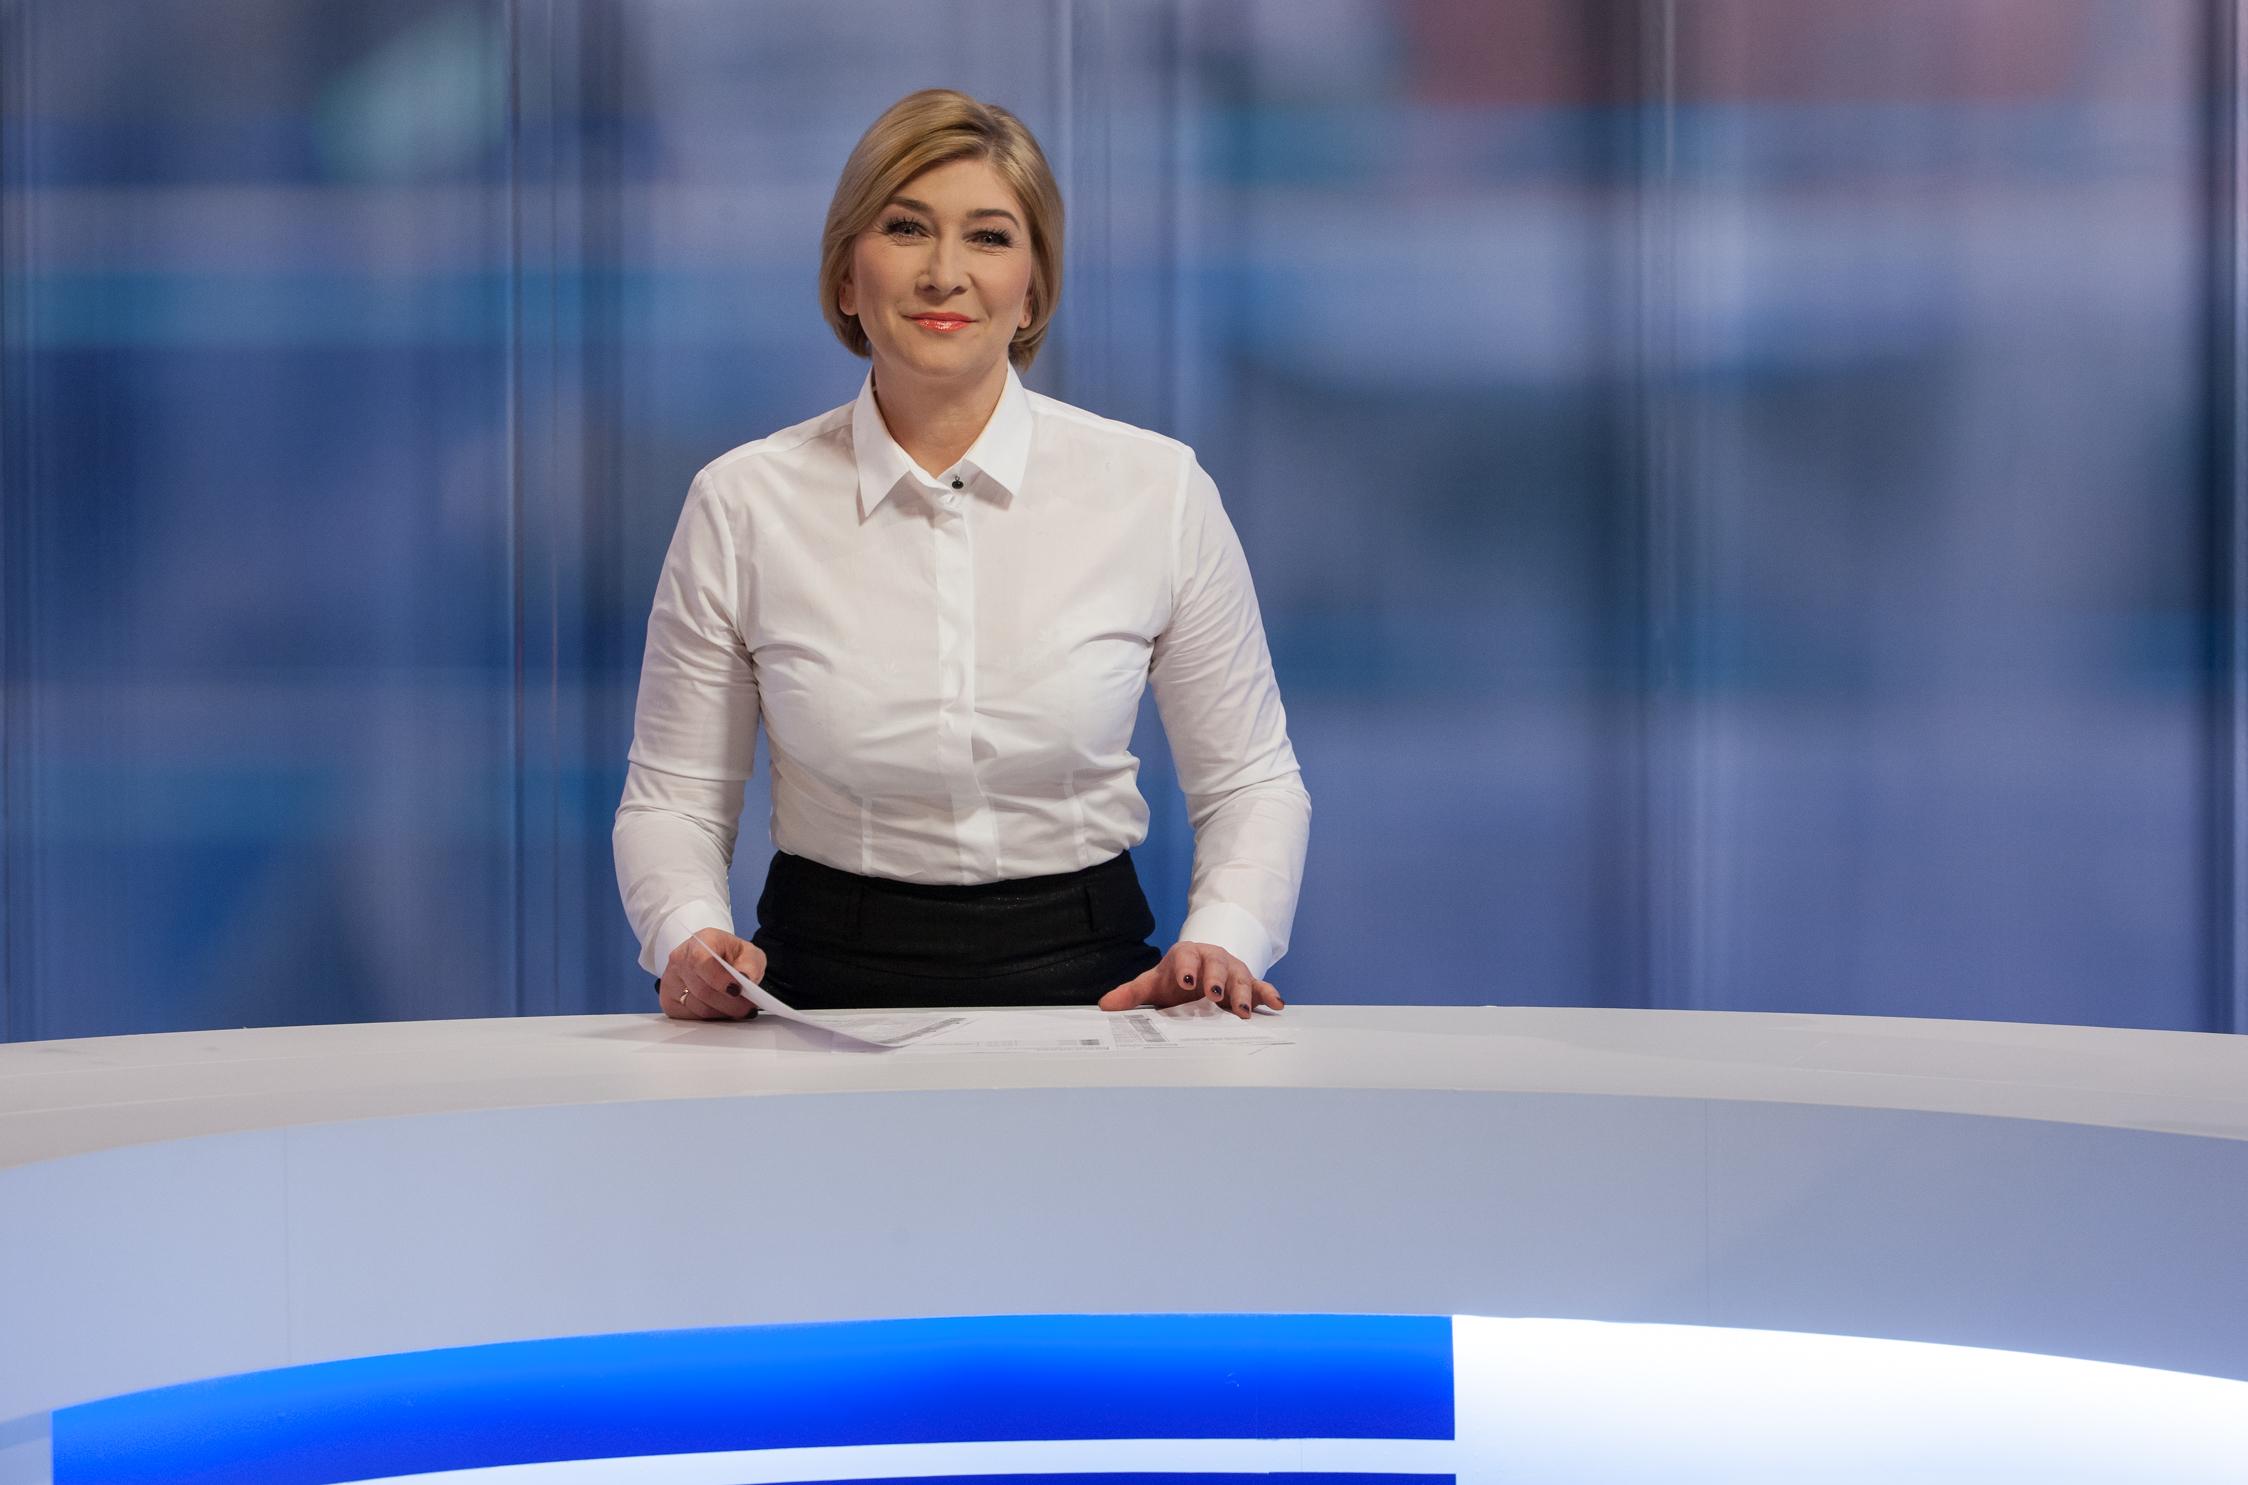 Ilona Małek szefowa Sekcji Programów Informacyjnych TVP3 Rzeszów i prezenterka